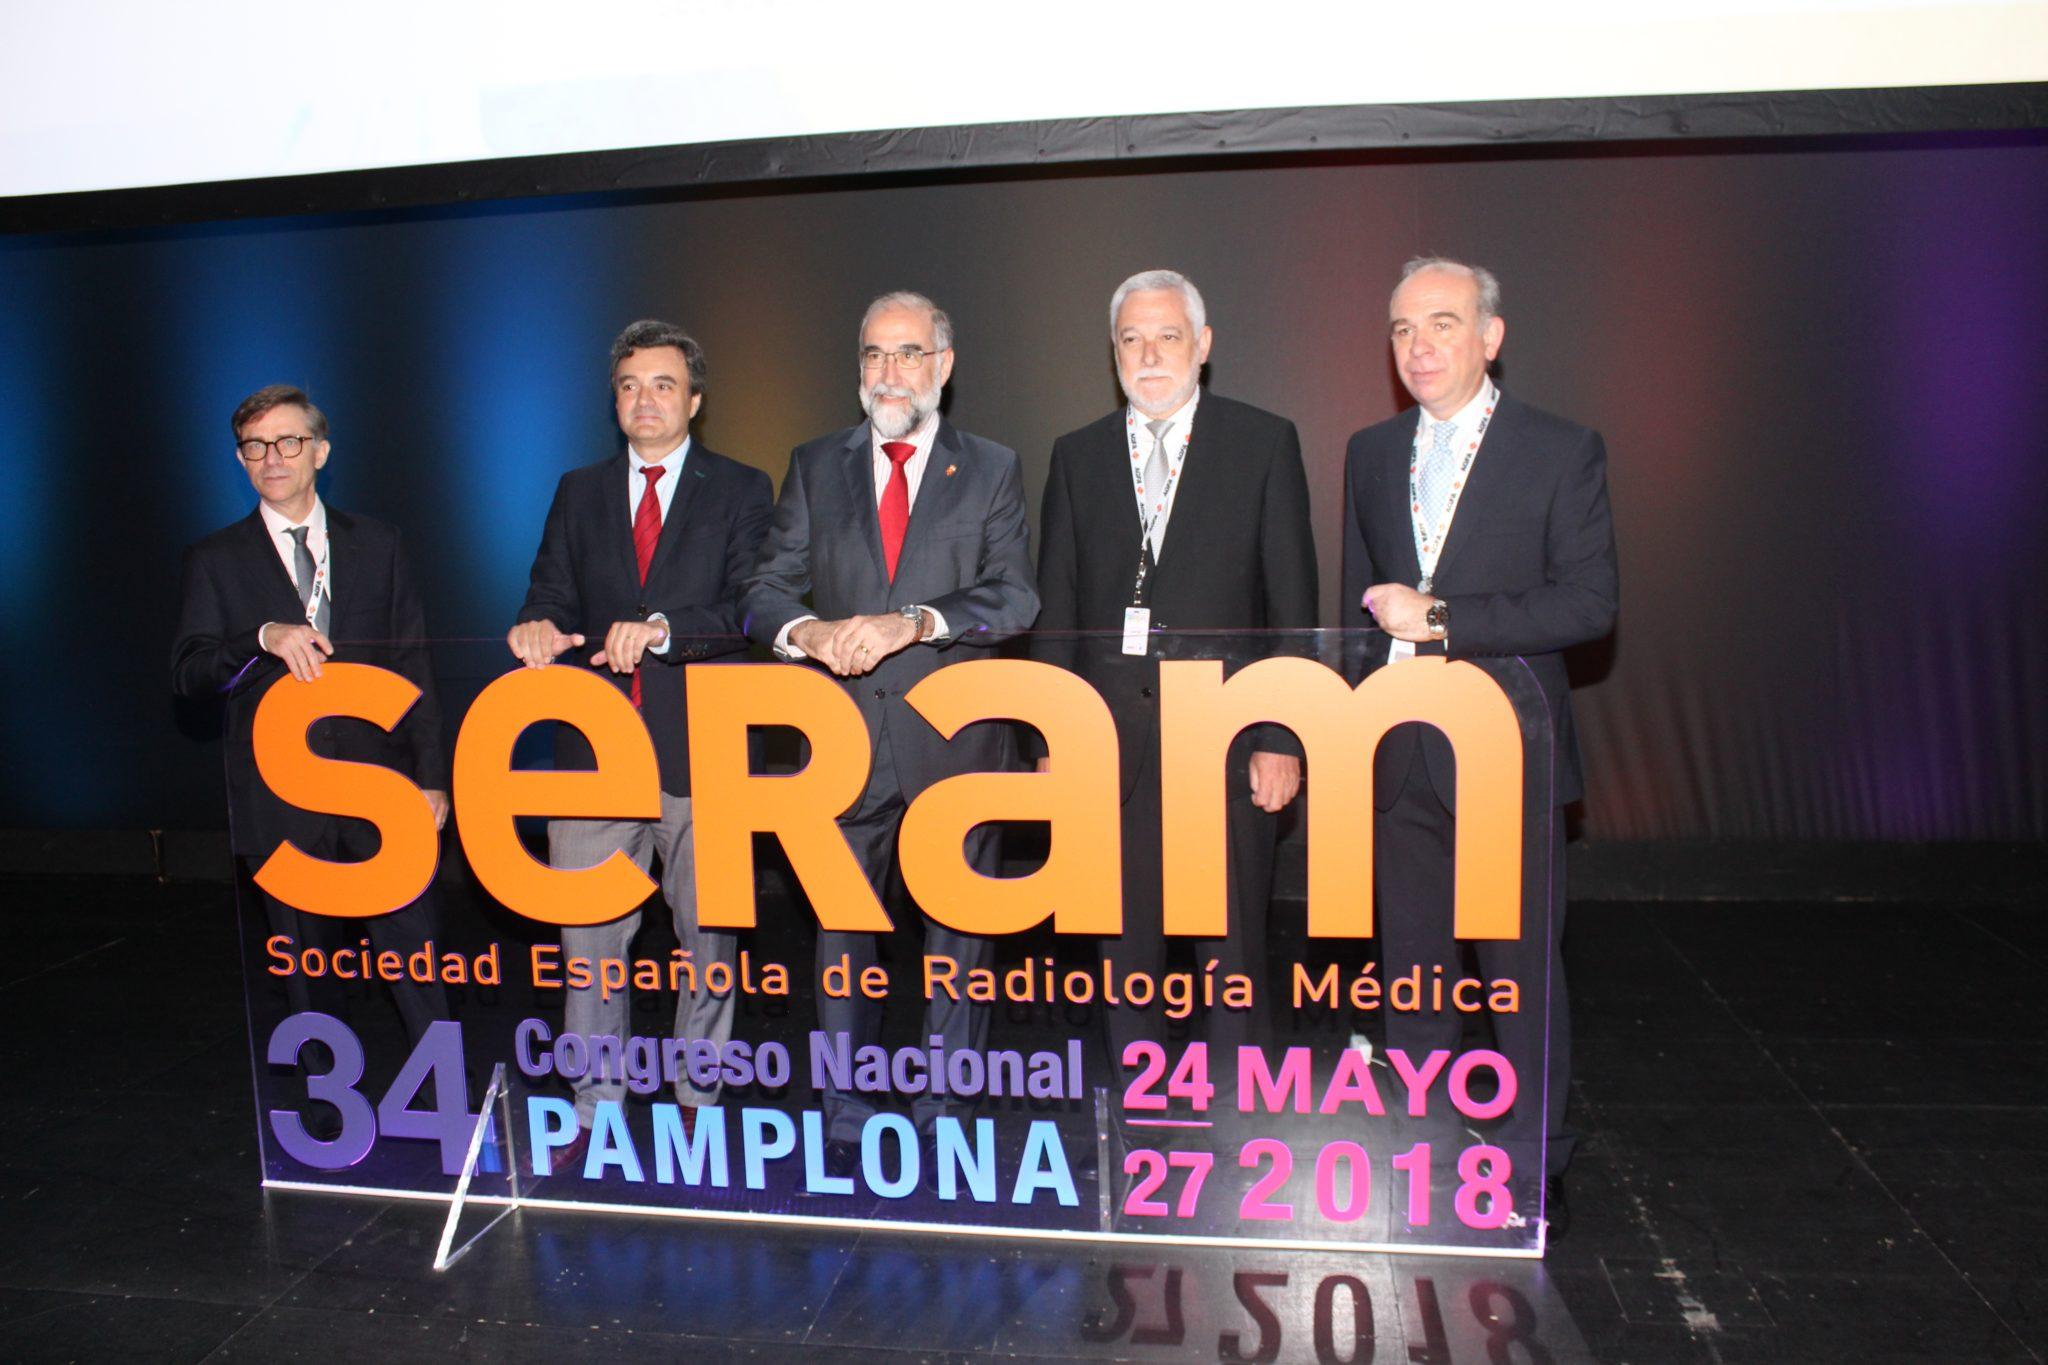 El Dr. Rafael Teijeira apuesta por la recertificación profesional y la humanización de la Medicina en el 34 Congreso de la SERAM.